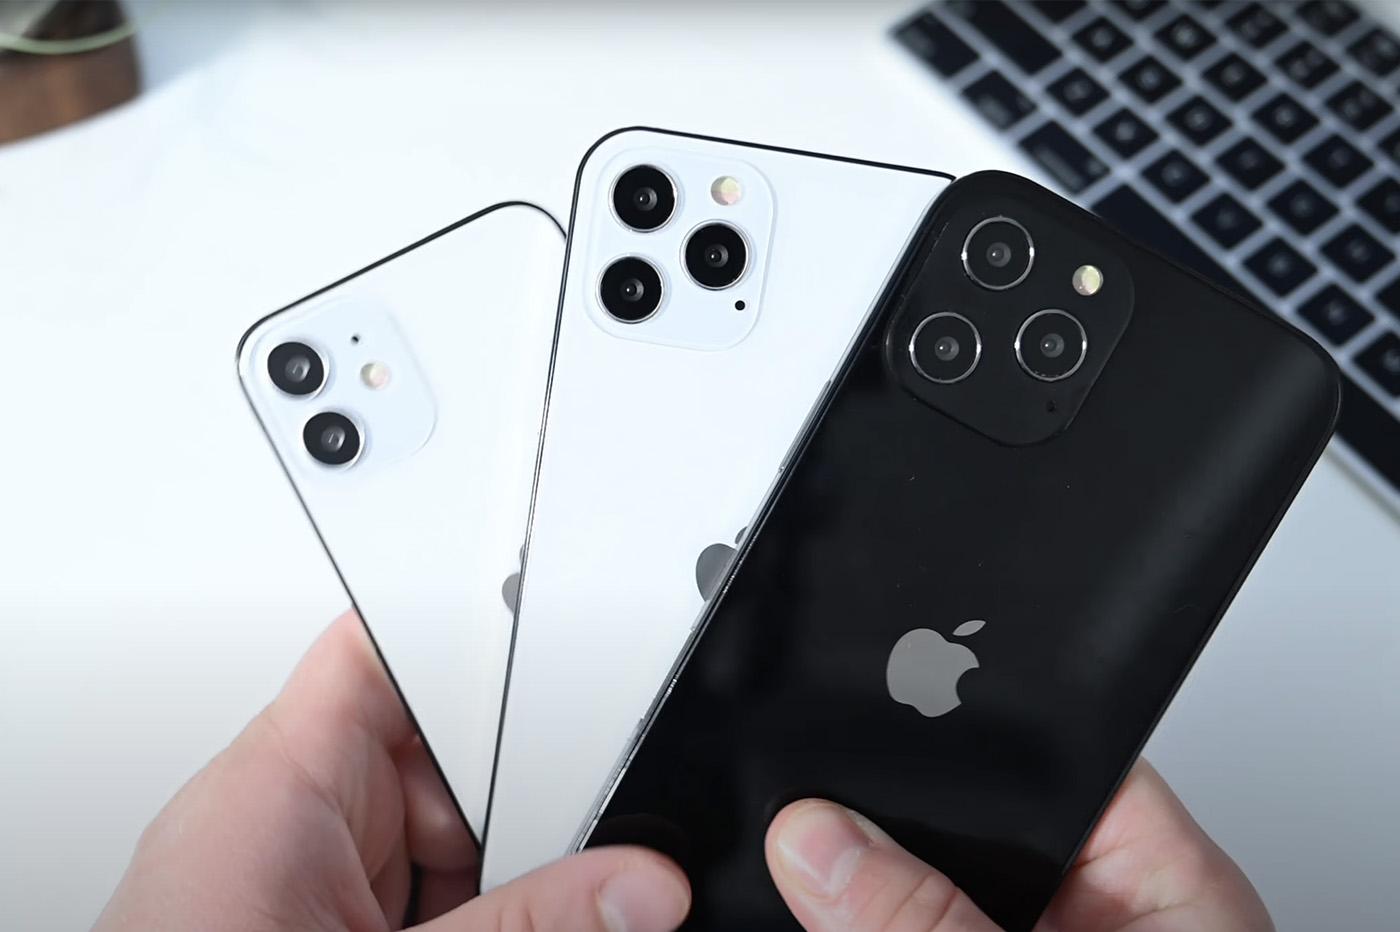 Une keynote virtuelle prévue le 15 septembre 2020 — Apple